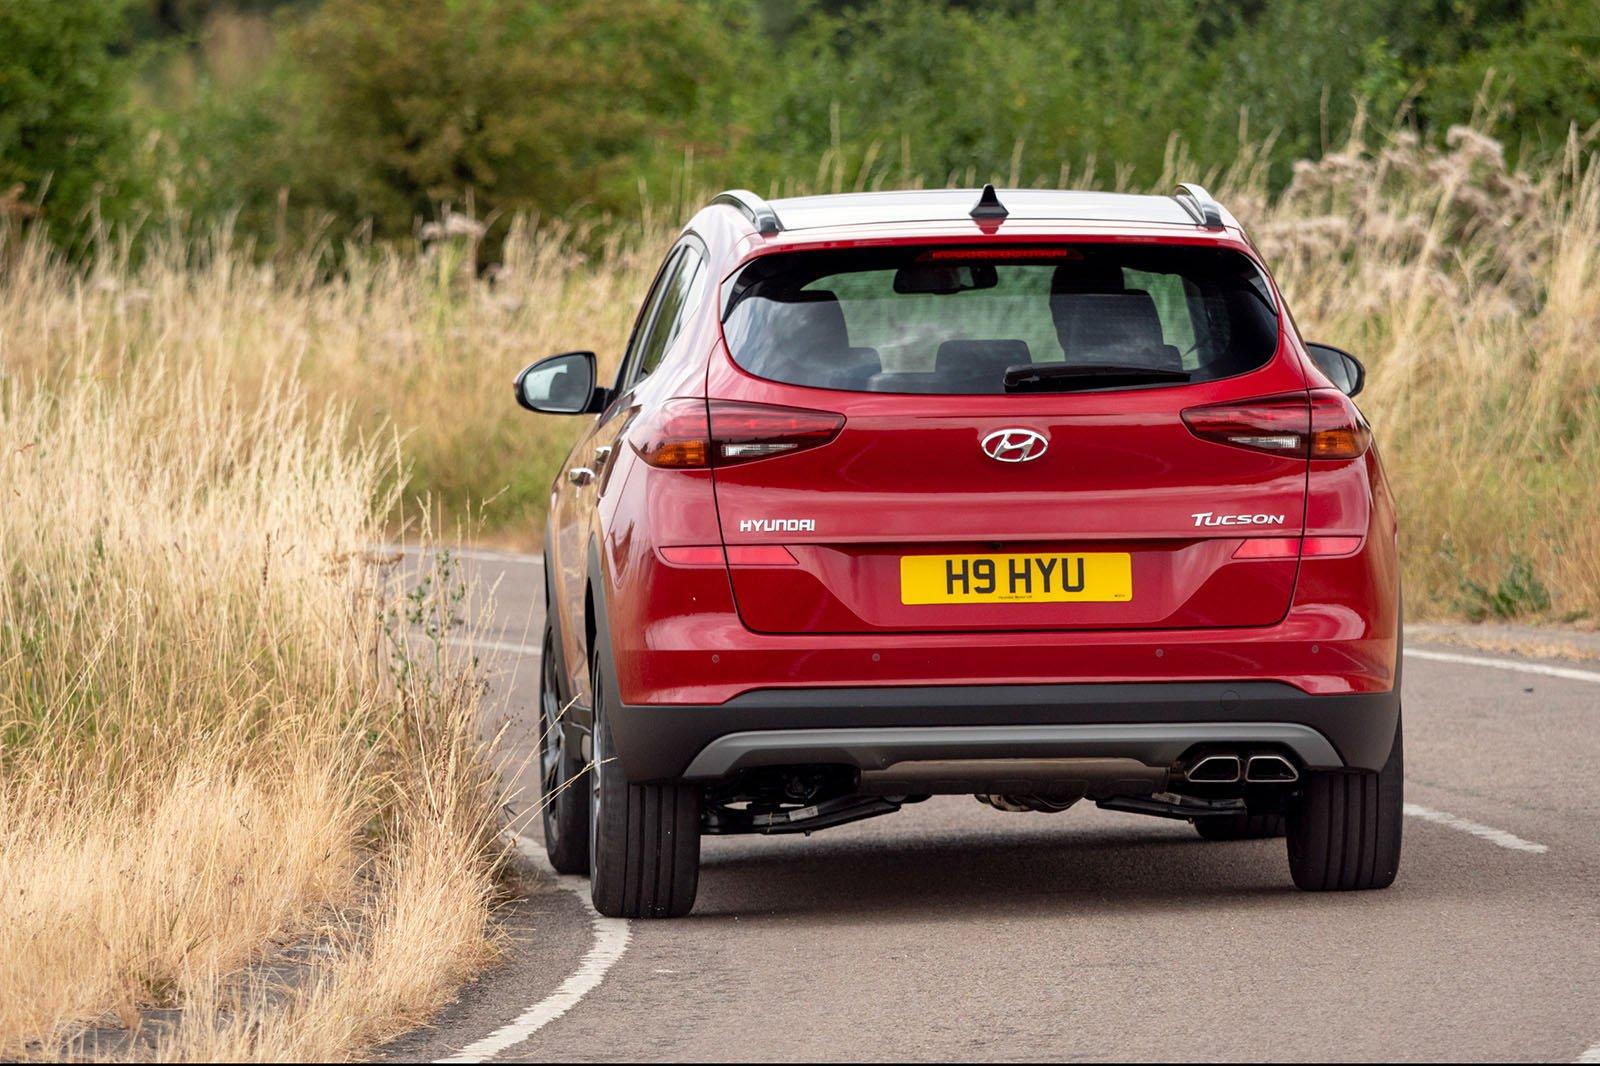 Hyundai Tucson rear